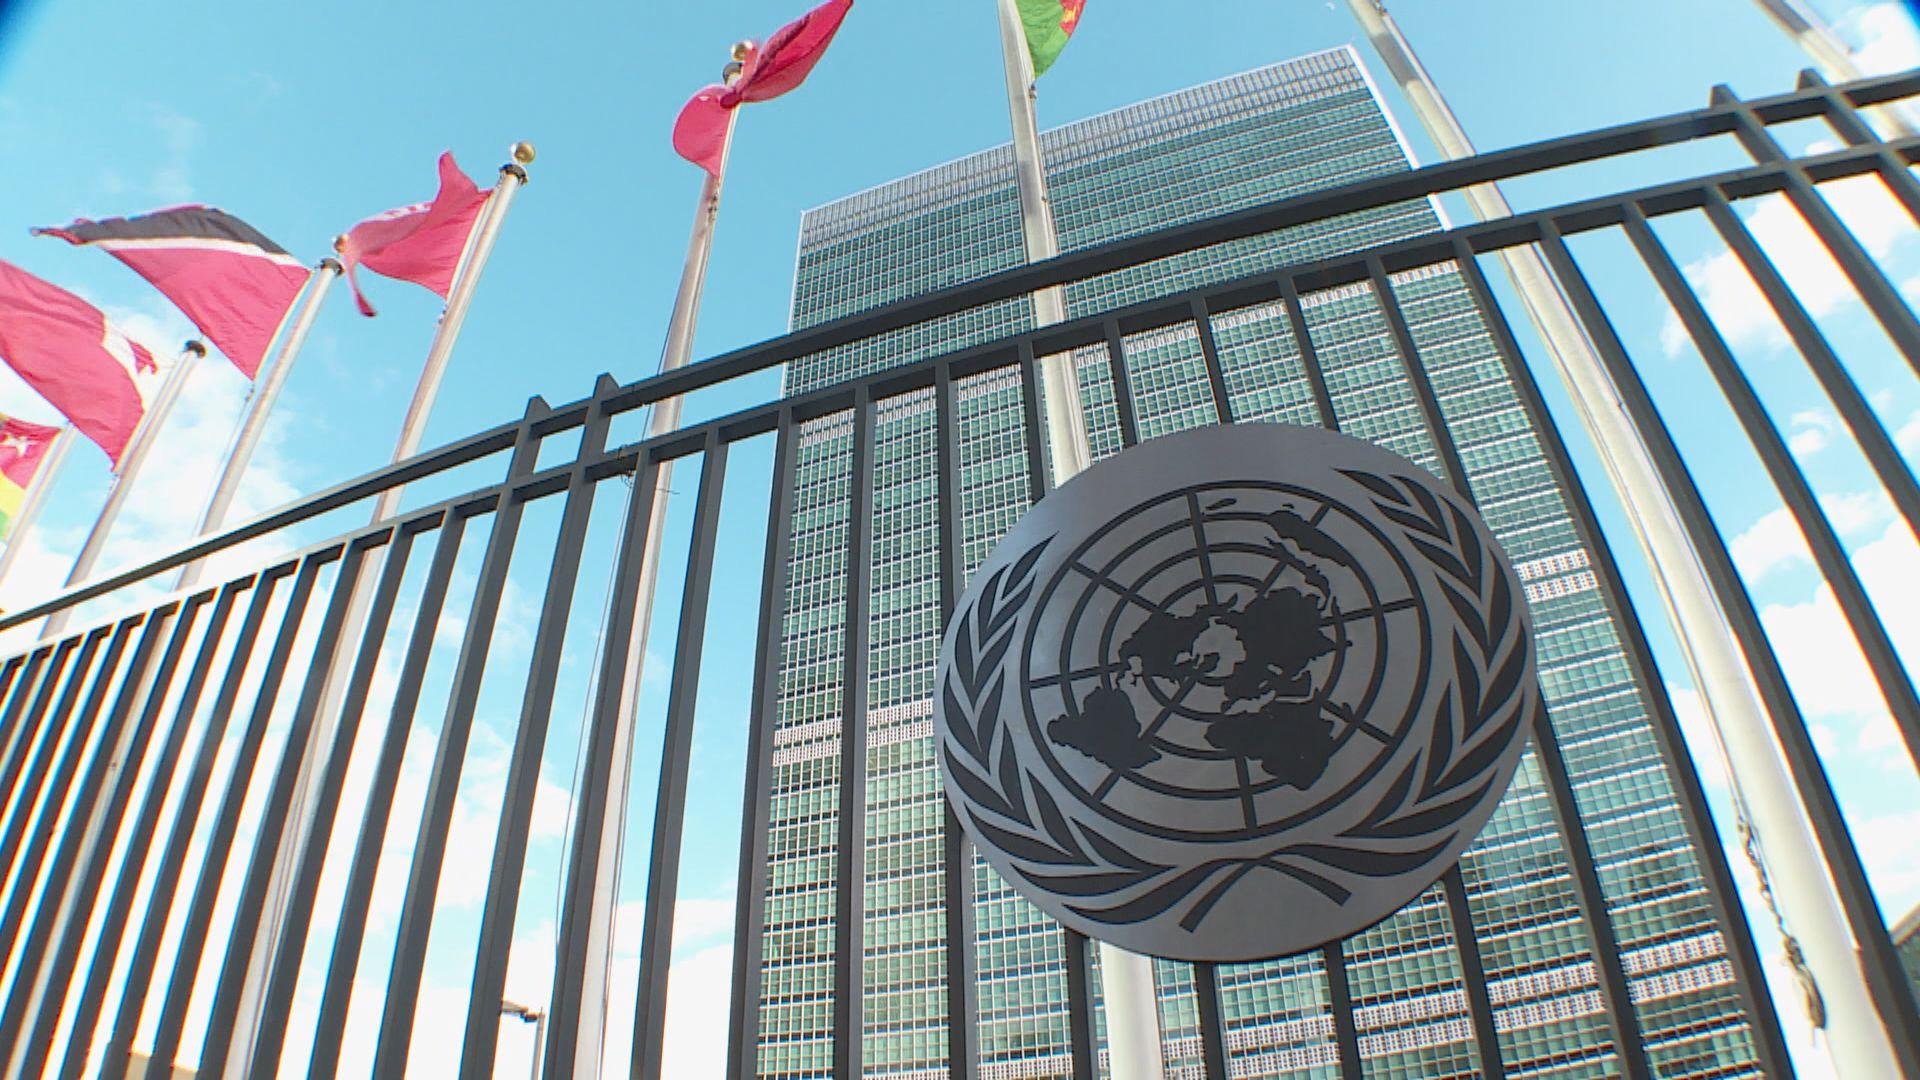 【環球薈報】伊朗因拖欠會費遭聯合國暫停投票權